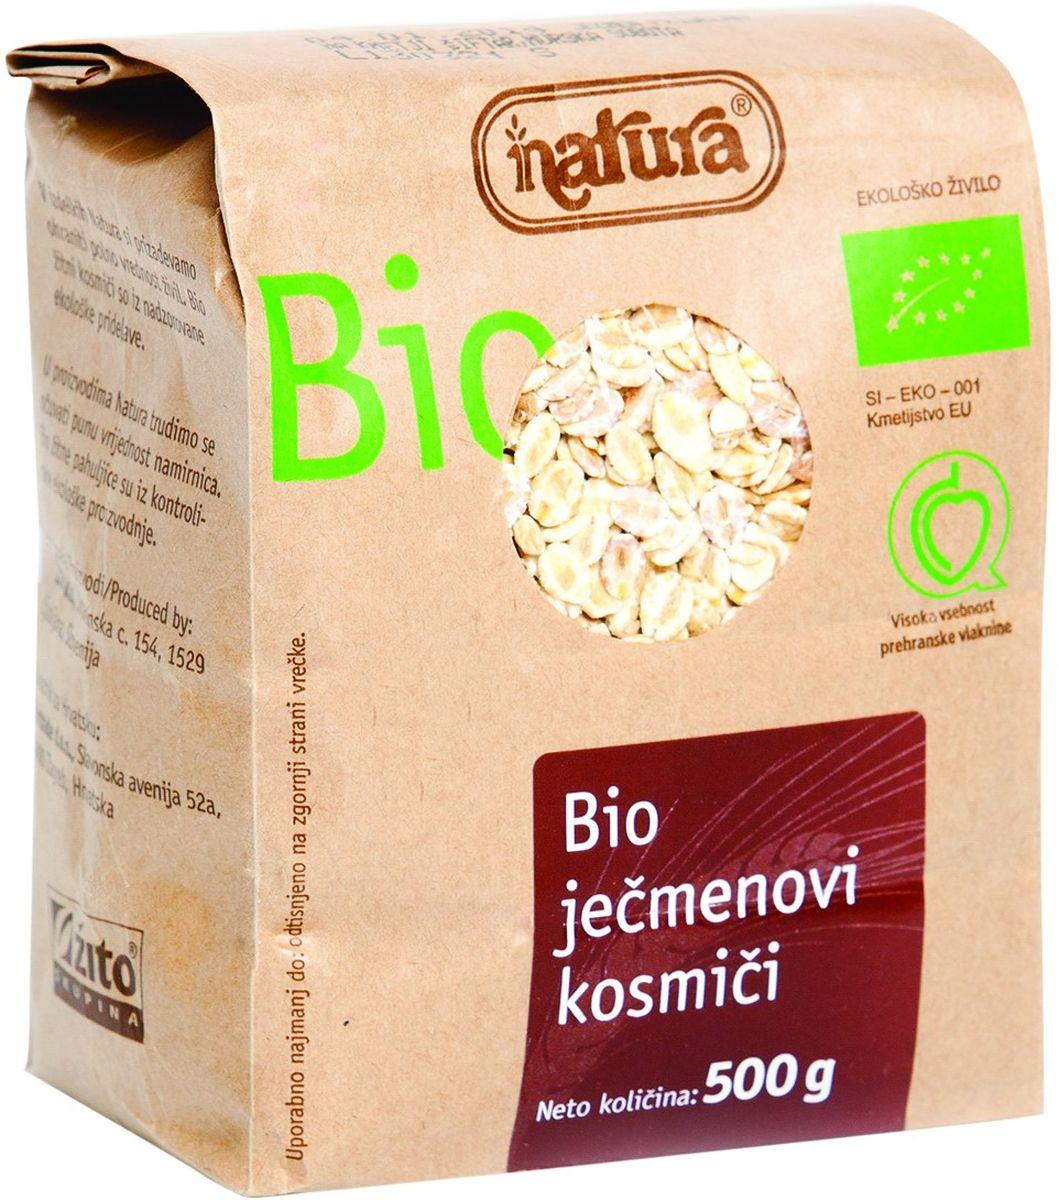 Ячмень – один из древнейших видов злаков, который употреблялся древними египтянами для приготовления хлеба, напоминающего лепешки, и напитков. Благодаря своему высокому содержанию растительных жиров ячмень также известен как злак, придающий энергии. Он содержит важные питательные волокна, богатые бета-глюканами. Органические продукты Natura имеют маркировку в соответствии с законодательством и европейскую экологическую маркировку сертифицированных органических продуктов питания, так как при их производстве не используются удобрения и распылители, запрещенные в органическом производстве и обработке. Органические продукты произведены под контролем SI – EKO – 001. Органические продукты Natura производятся в регионах, где природа пока еще живет своей жизнью. Они попадают на полки магазинов и на столы людей, выбирающих здоровое питание, в той же форме, в которой их создала природа: натуральными, питательными и здоровыми. Разнообразные натуральные зерна и семена...